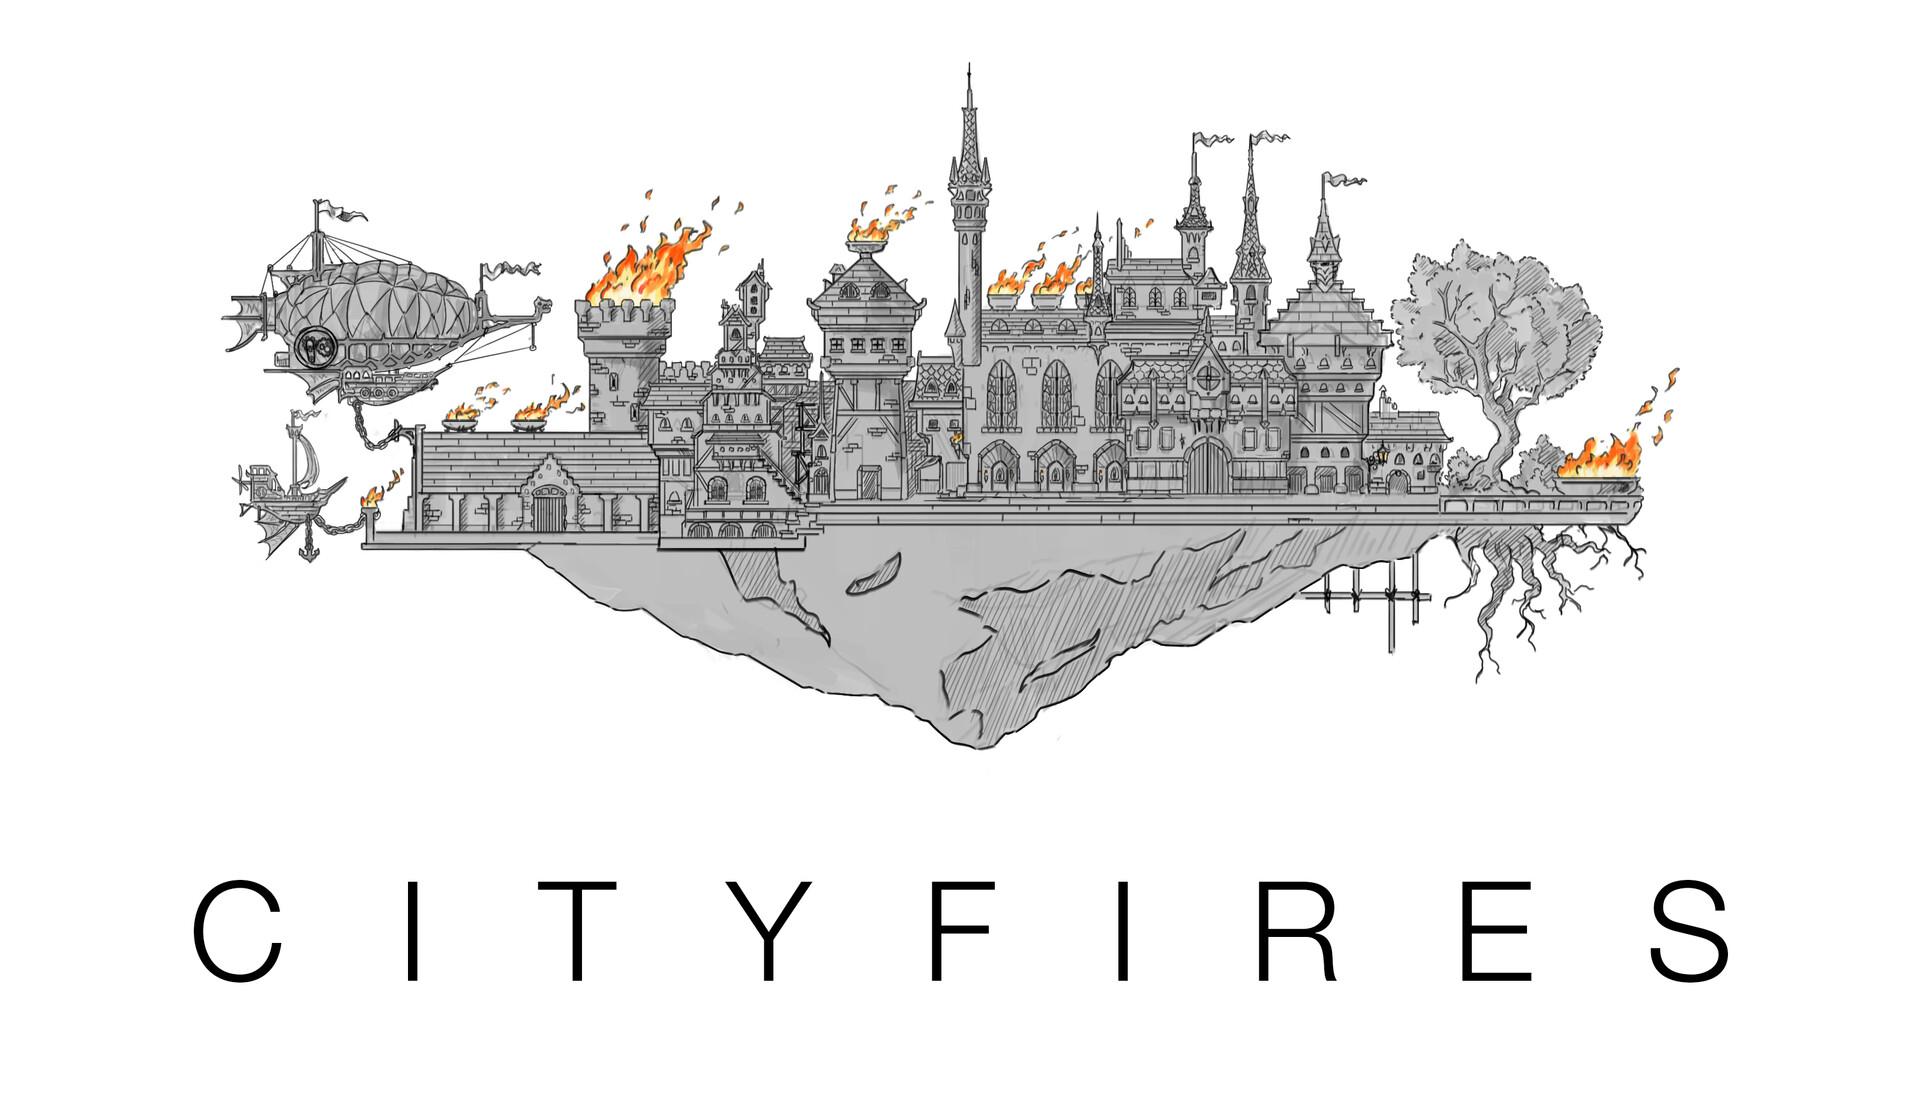 Arnesson art thomas hugo cityfires low color